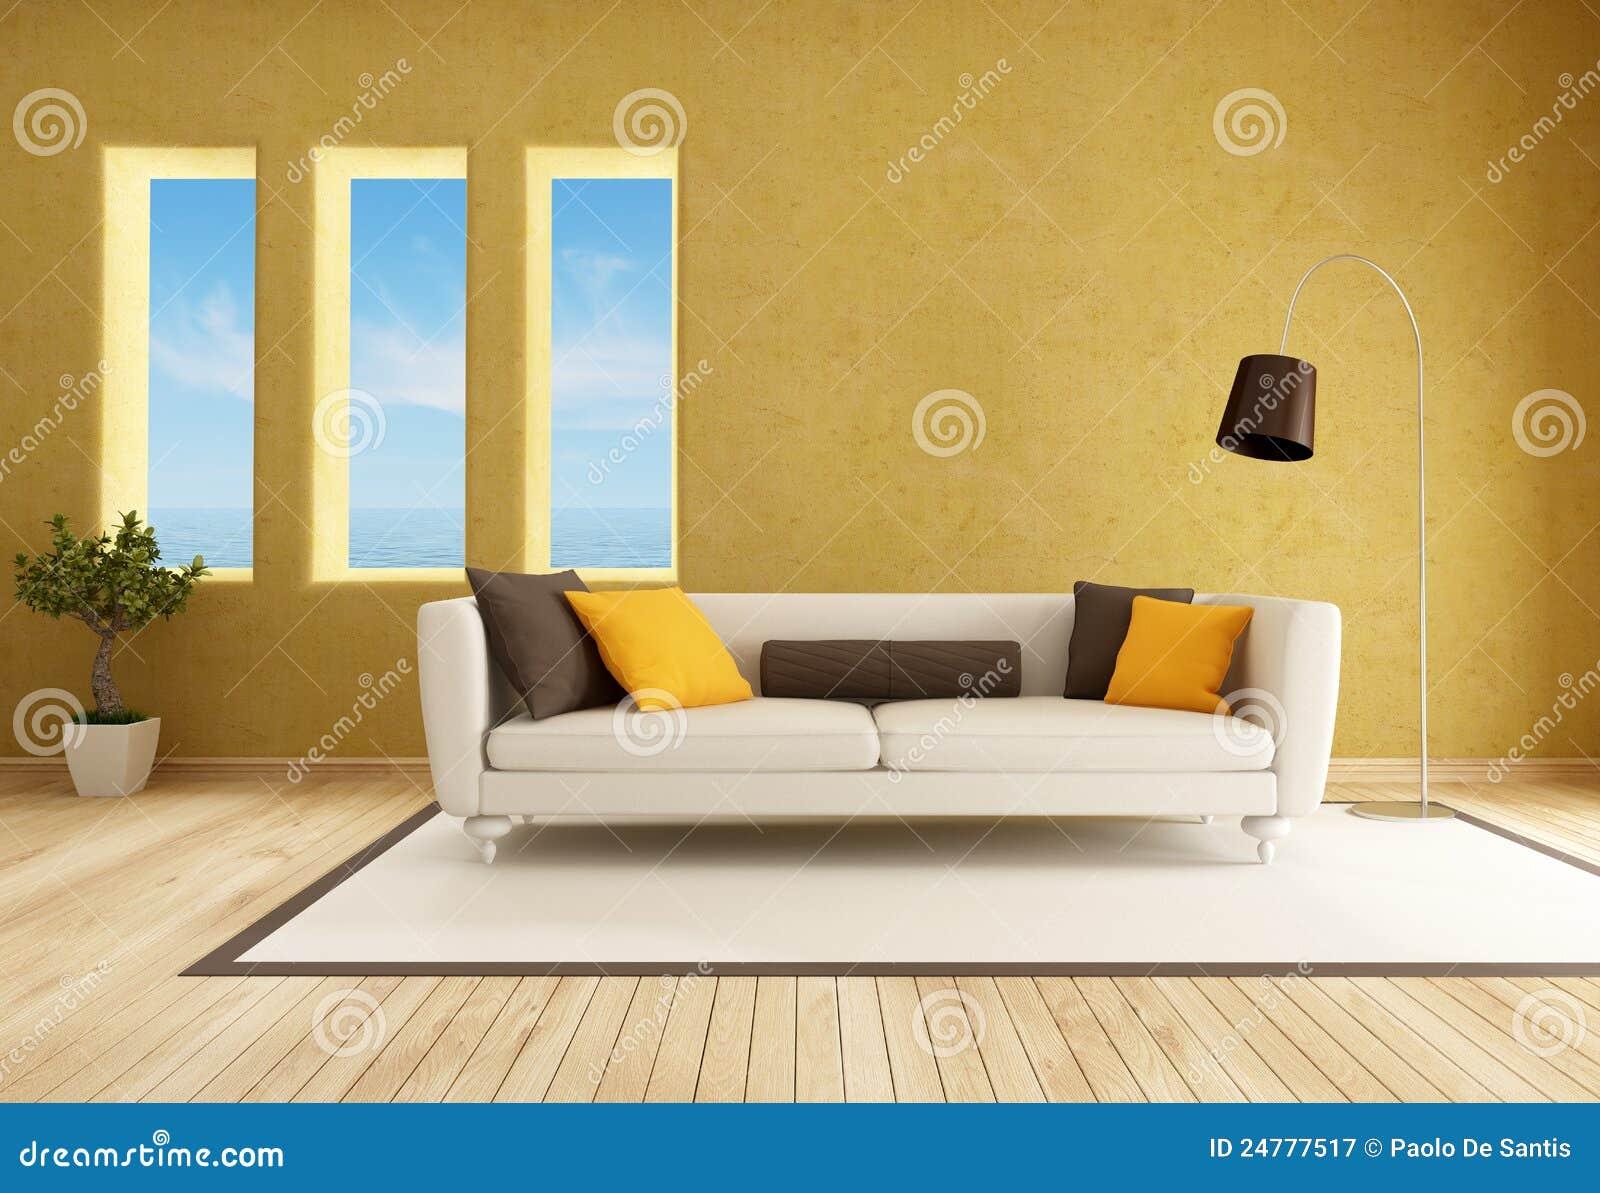 Gelbes Wohnzimmer stock abbildung. Illustration von parquet - 24777517